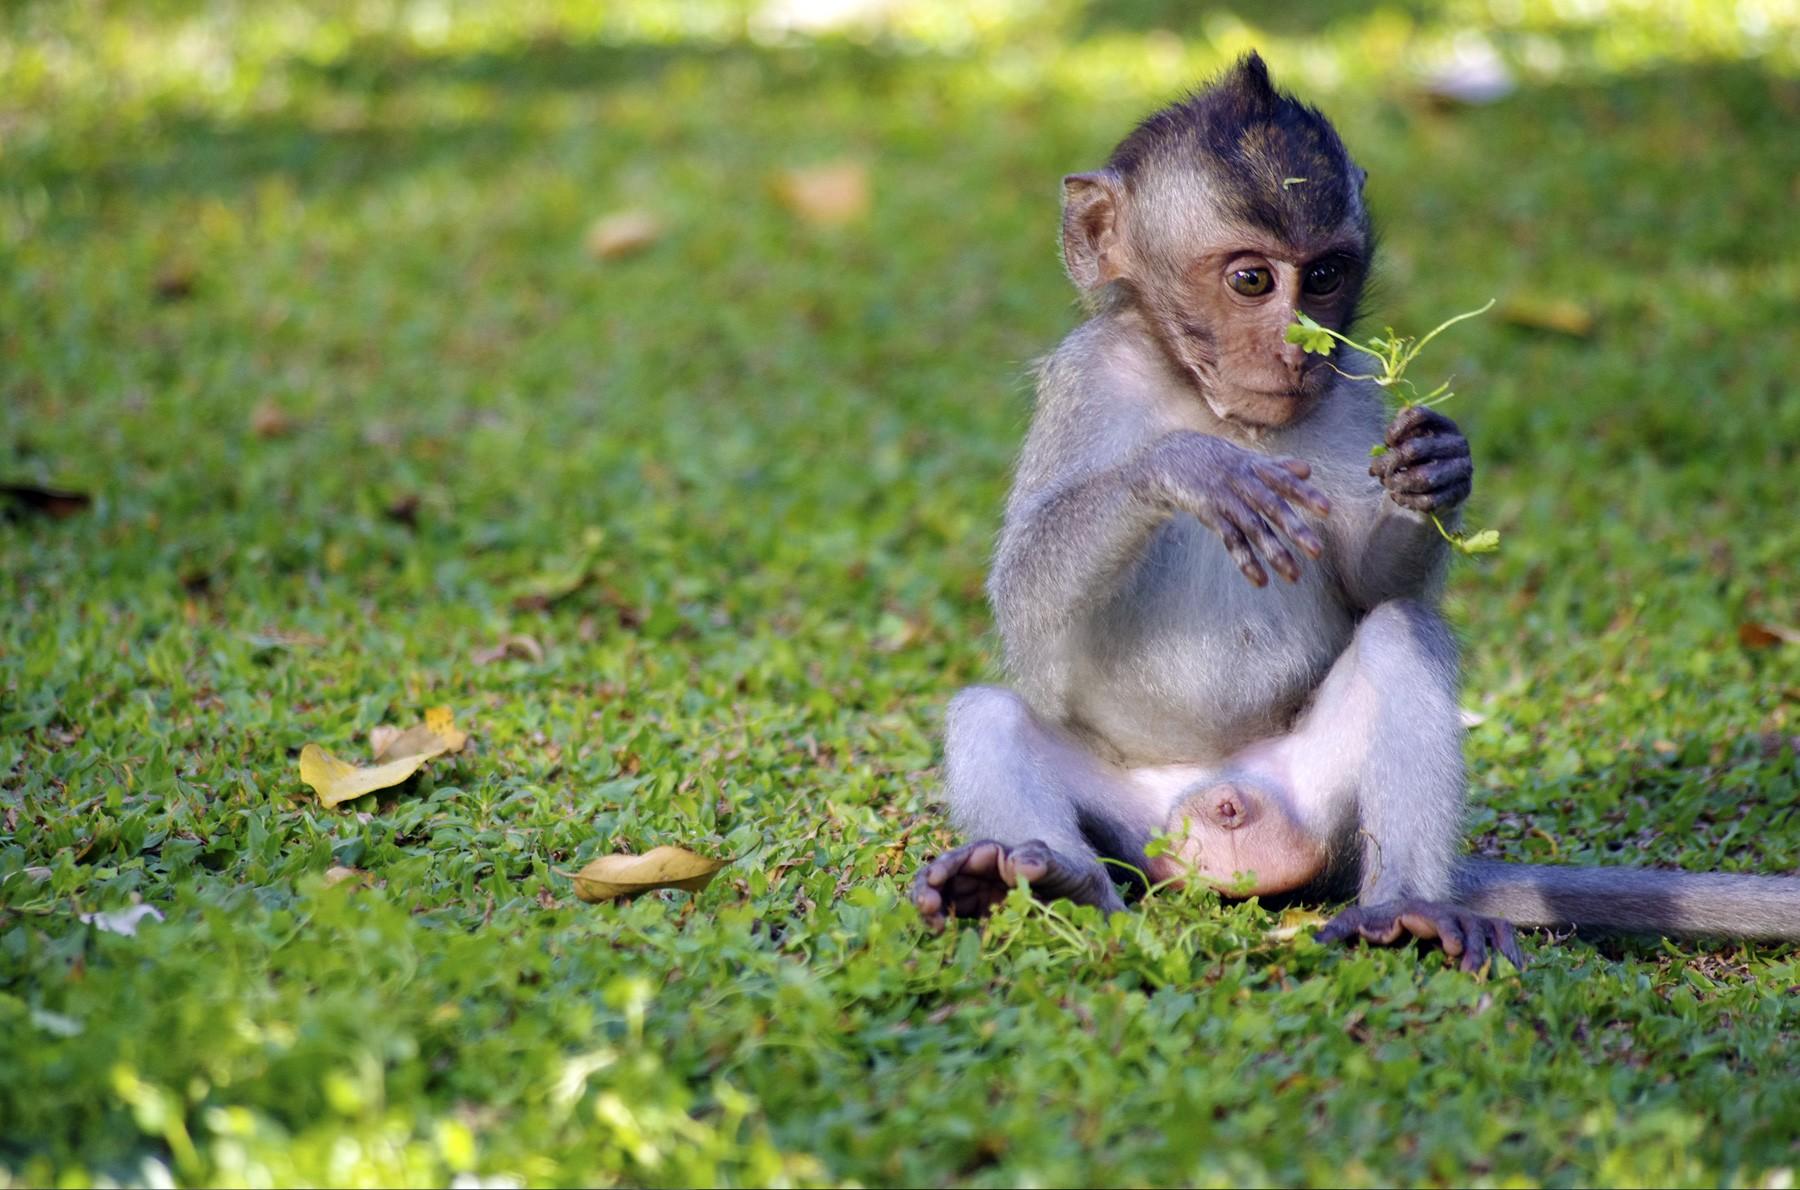 Baby Monkey Outside in Grass